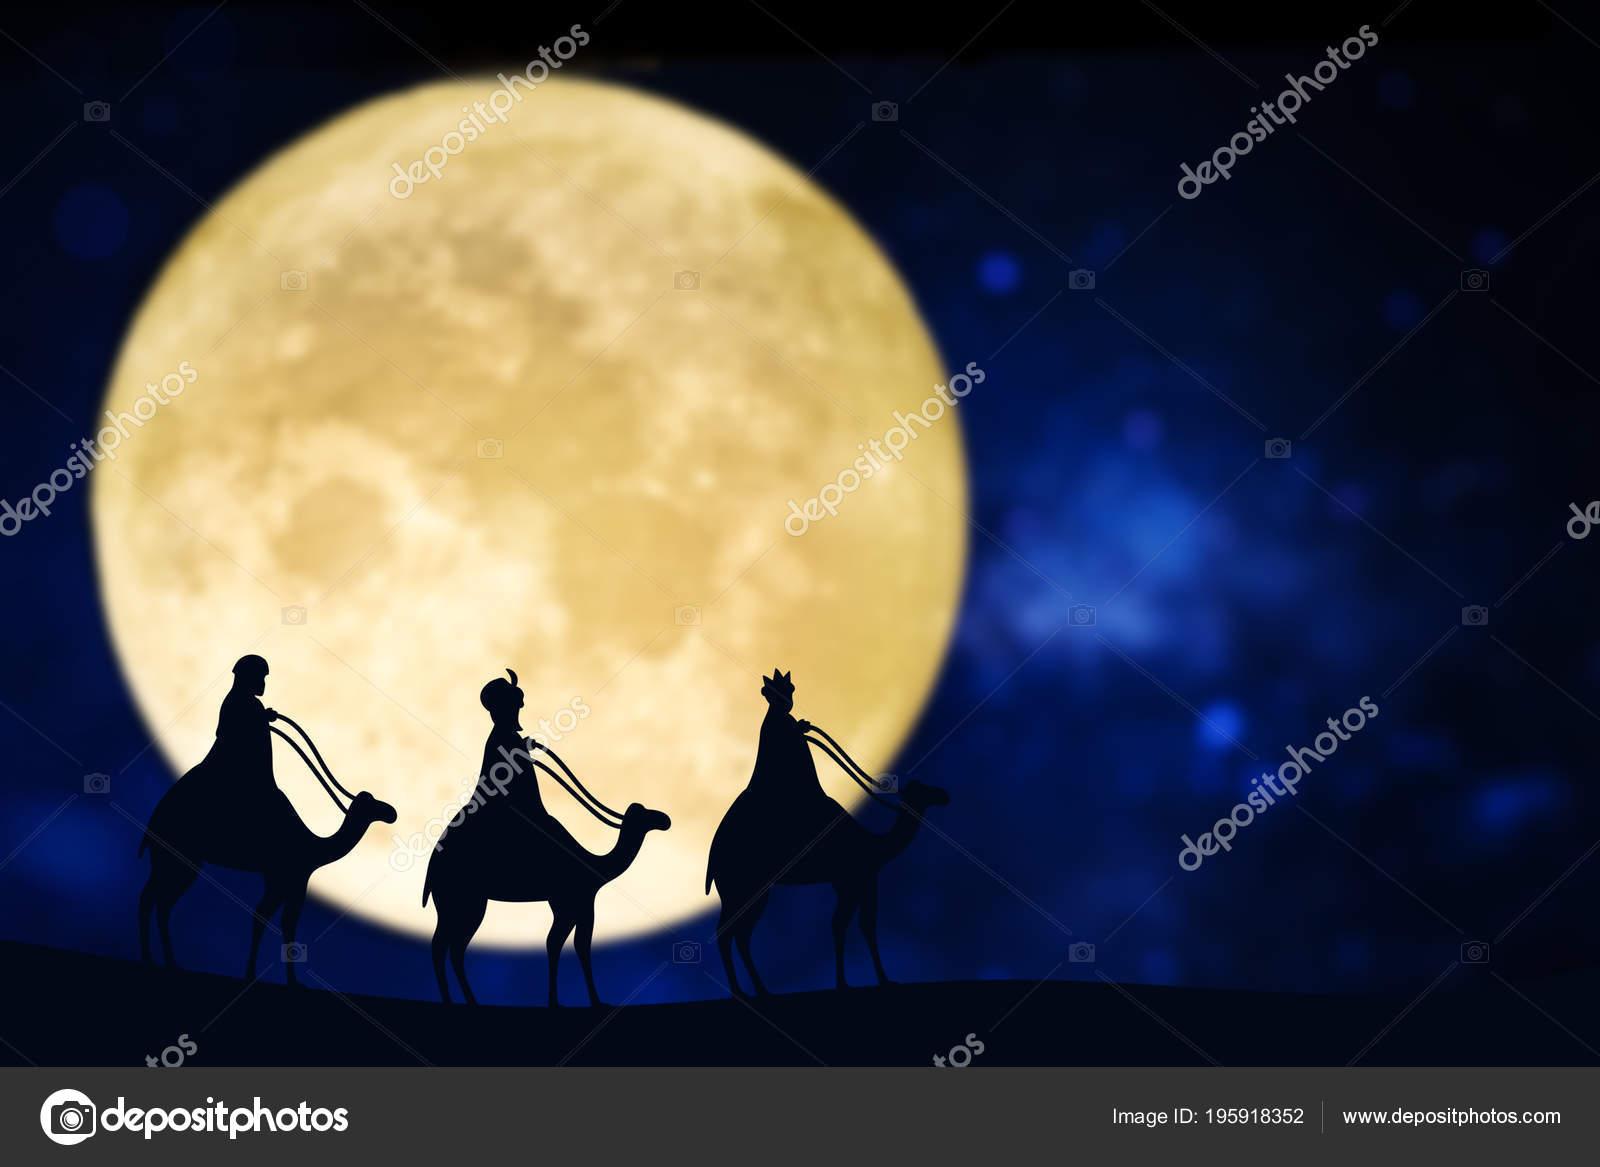 Imagenes Sobre Reyes Magos.Silueta Reyes Magos Sobre Una Luna Llena Fotos De Stock